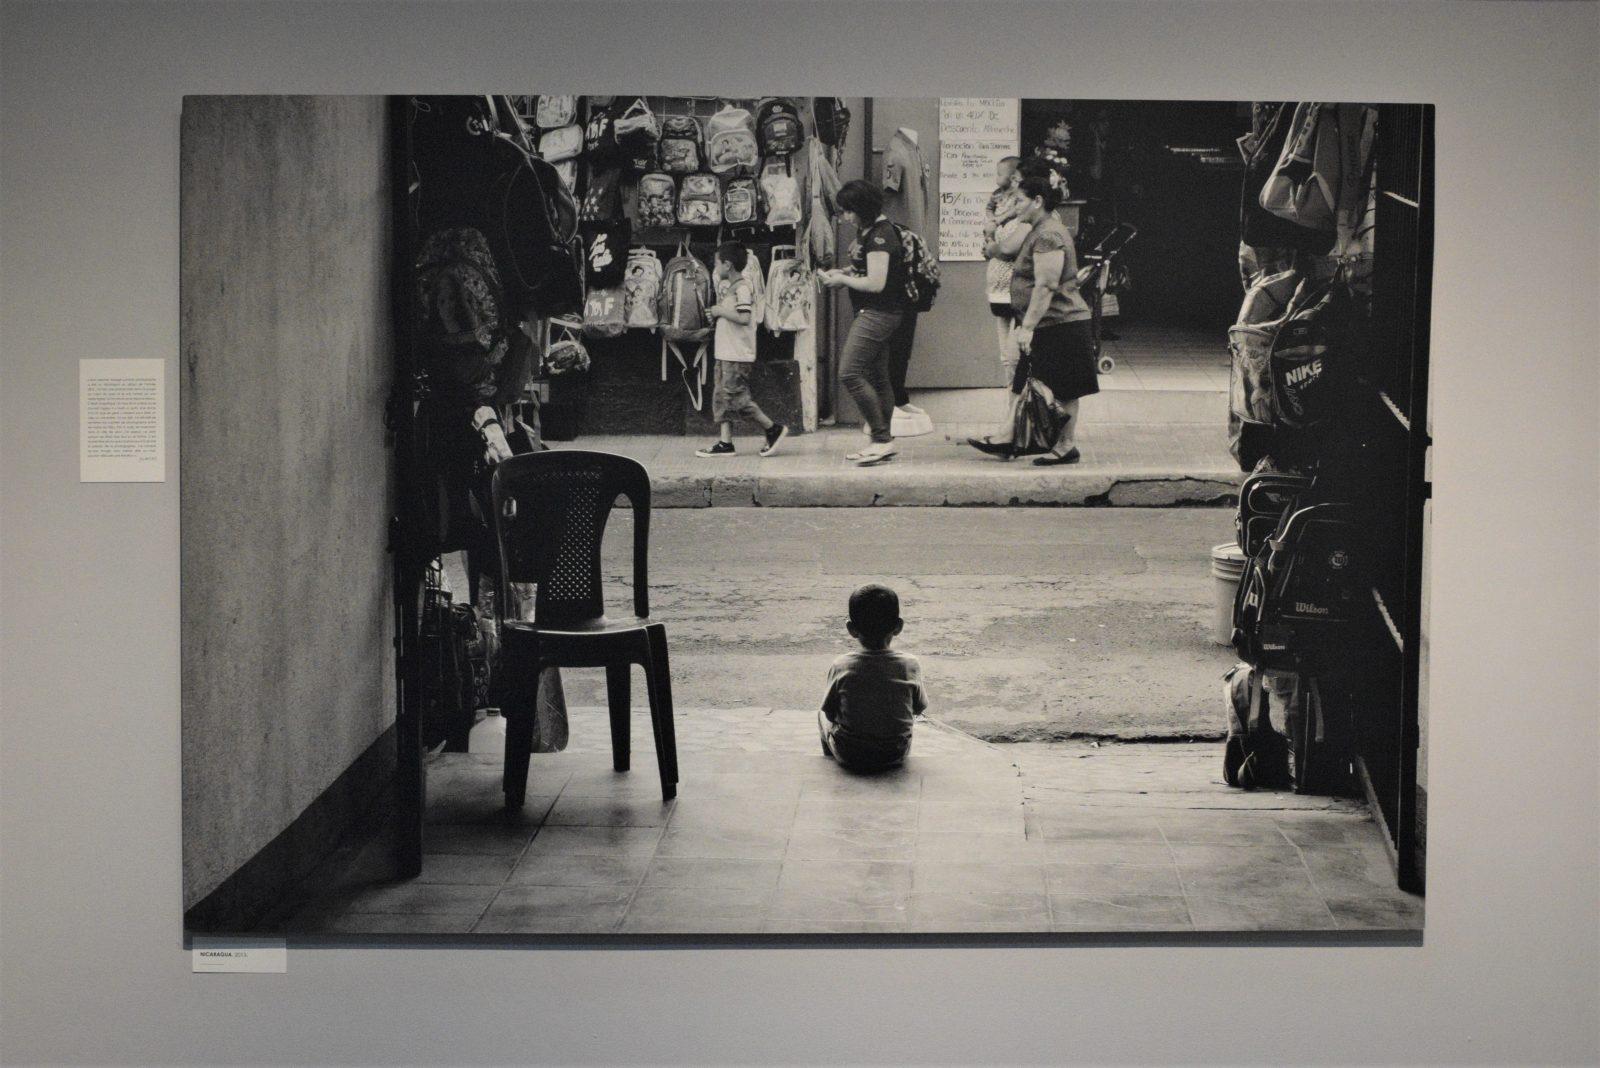 Samian, le photographe humanitaire au Musée national de la photographie.